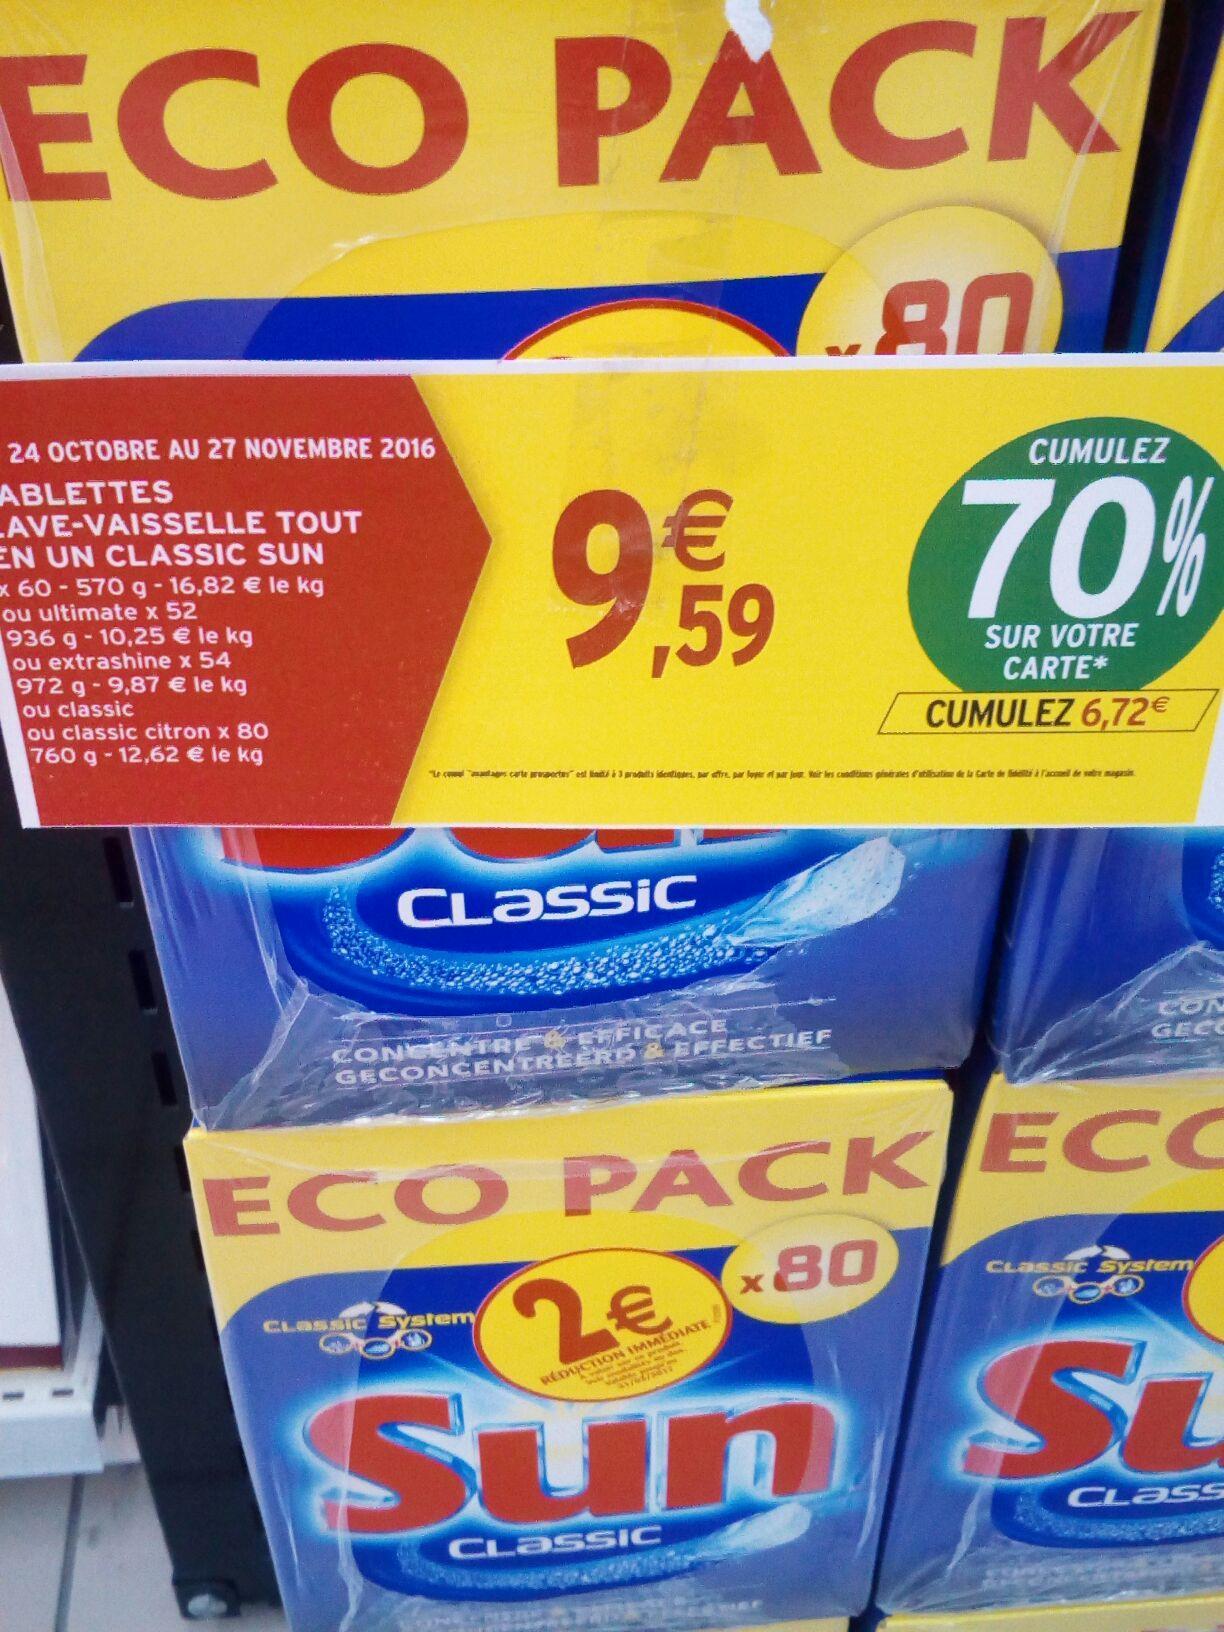 Pack de 80 tablettes lave vaisselle tout-en-un Sun (via 6.72€ fidélité + BDR)